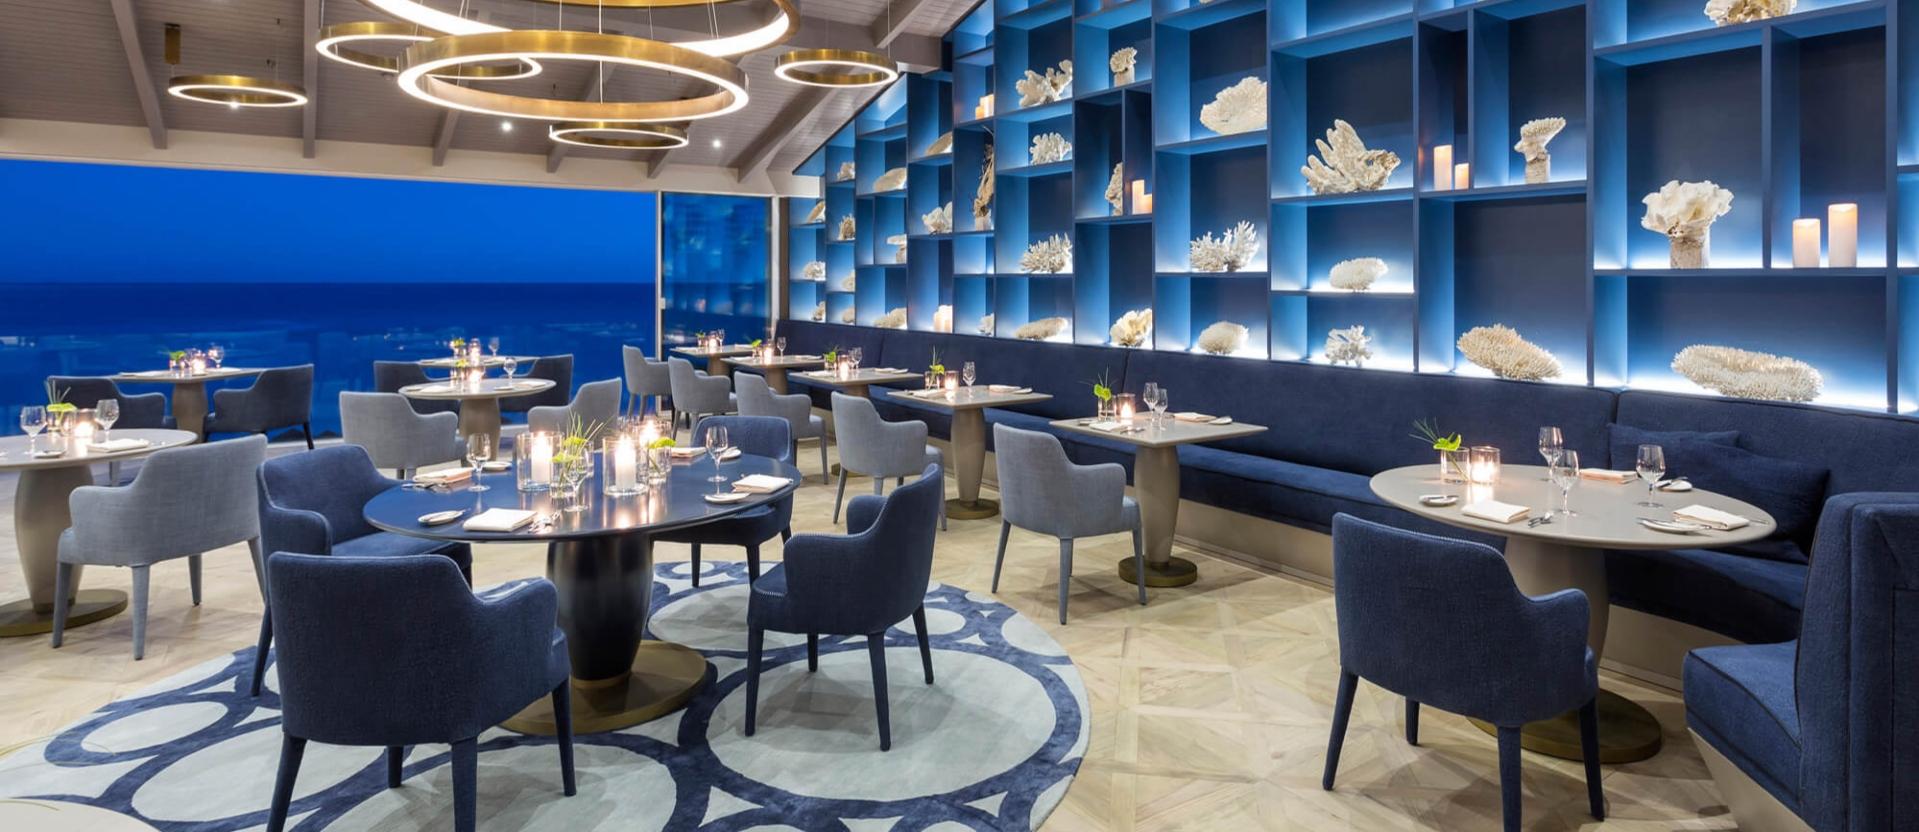 Michelin star restaurants: Ocean restaurant michelin star restaurants Michelin star restaurants: The complete guide for 2019 ocean diningroom 131